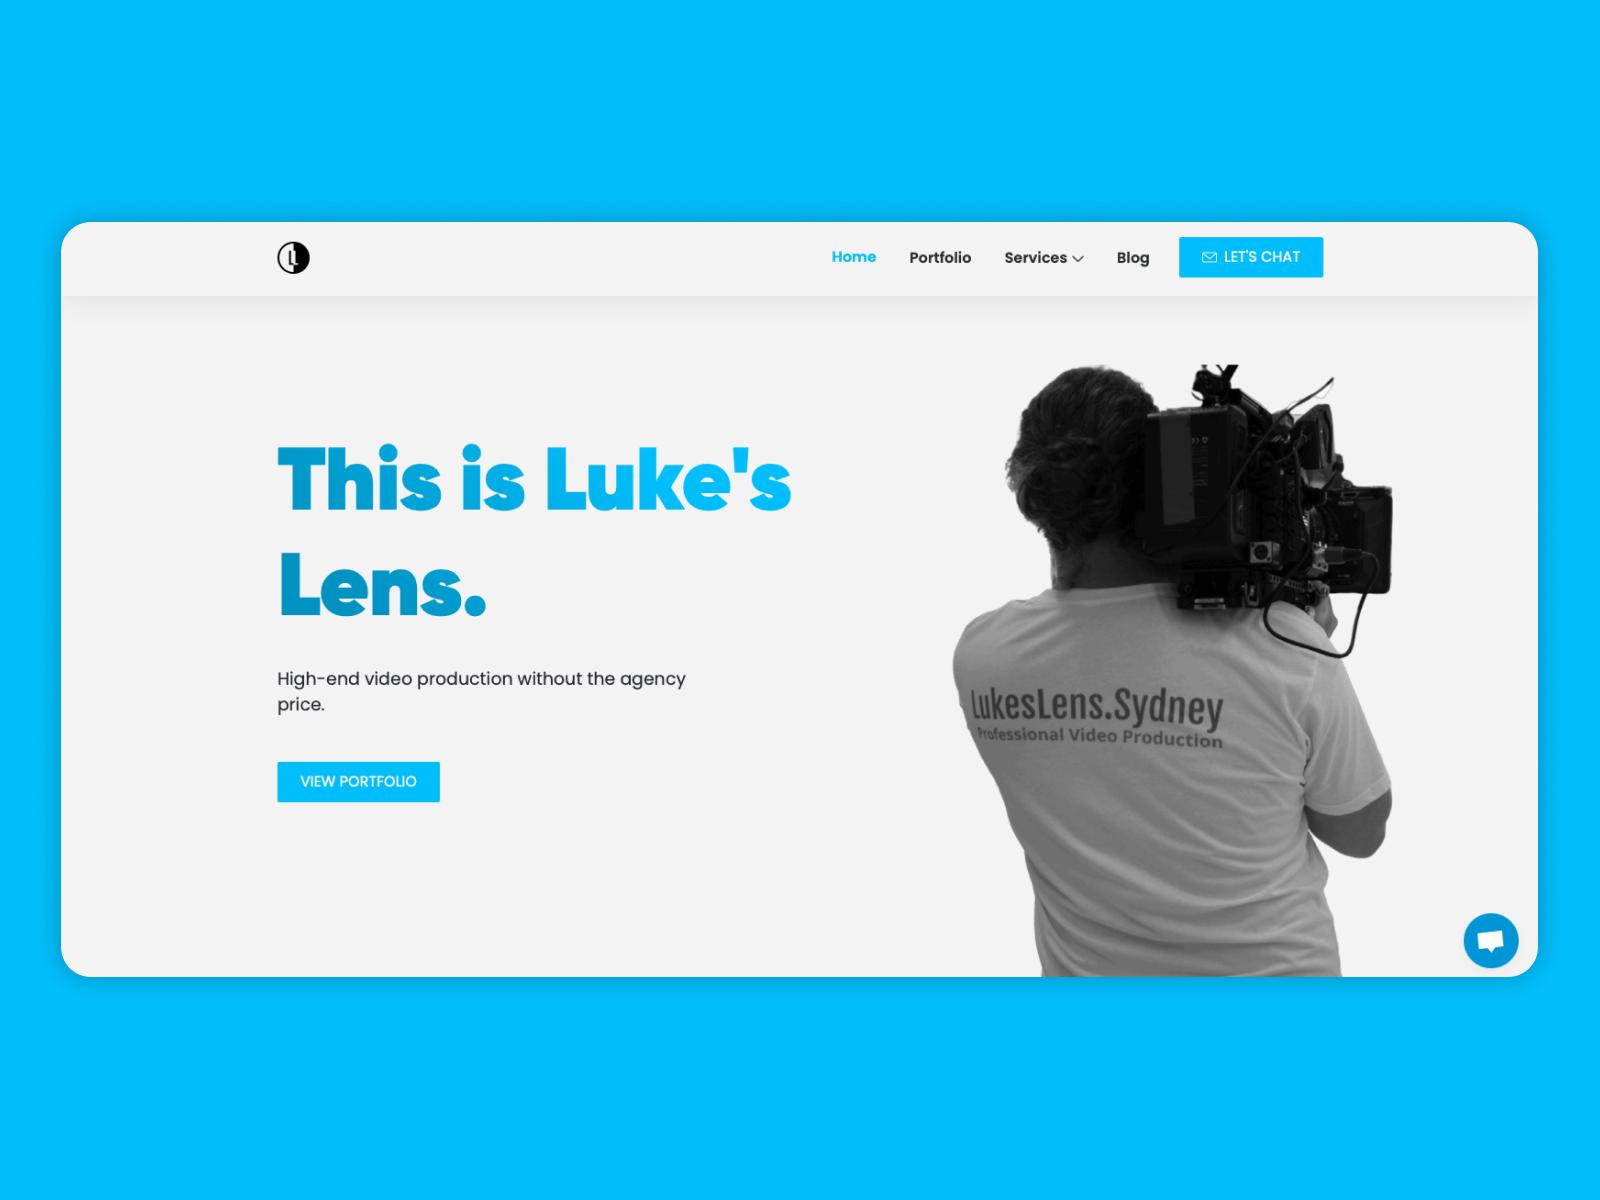 Luke's Lens Website